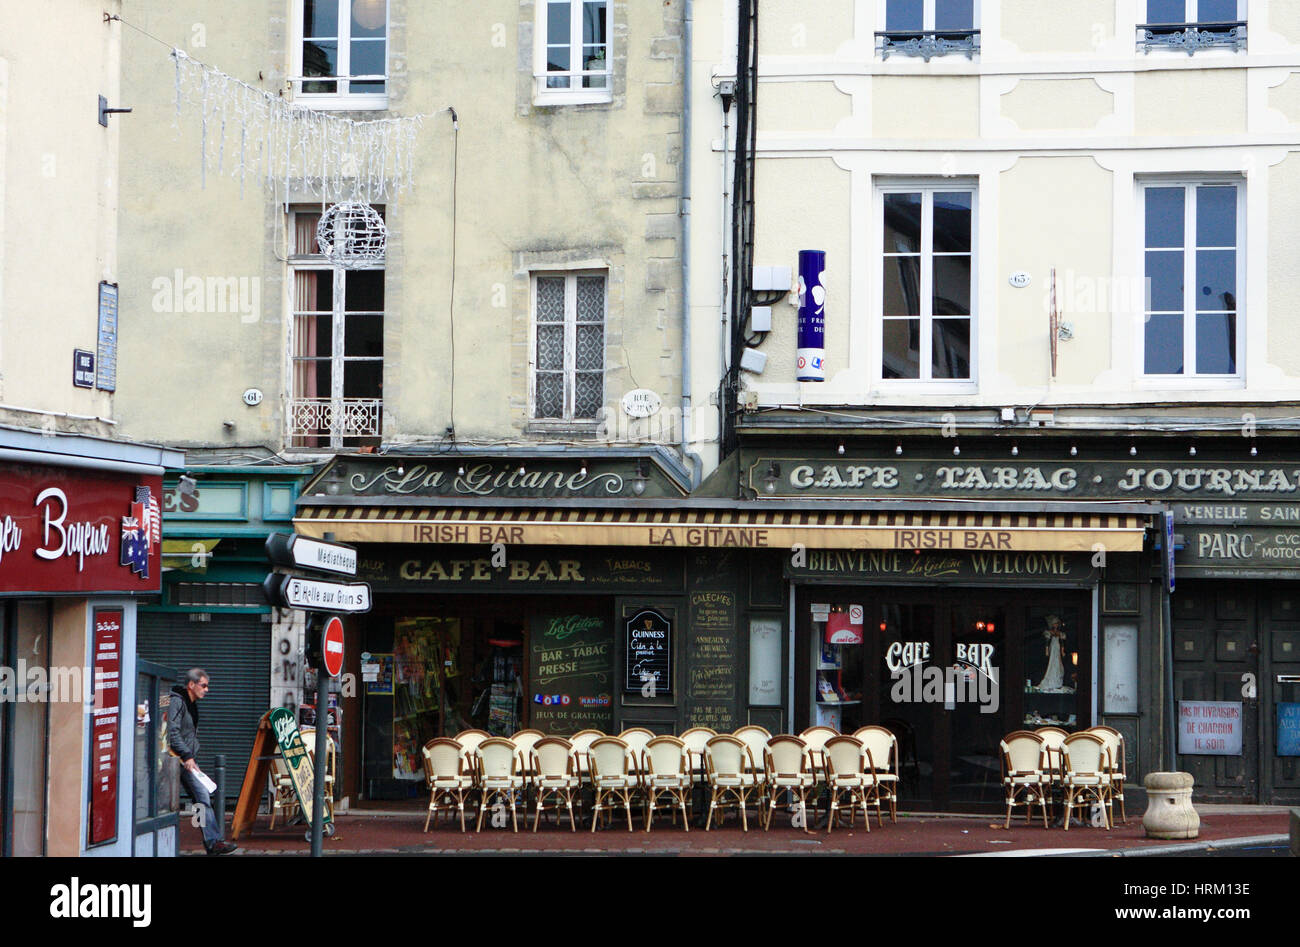 An Irish bar in Bayeux, Normandy, France. Stock Photo